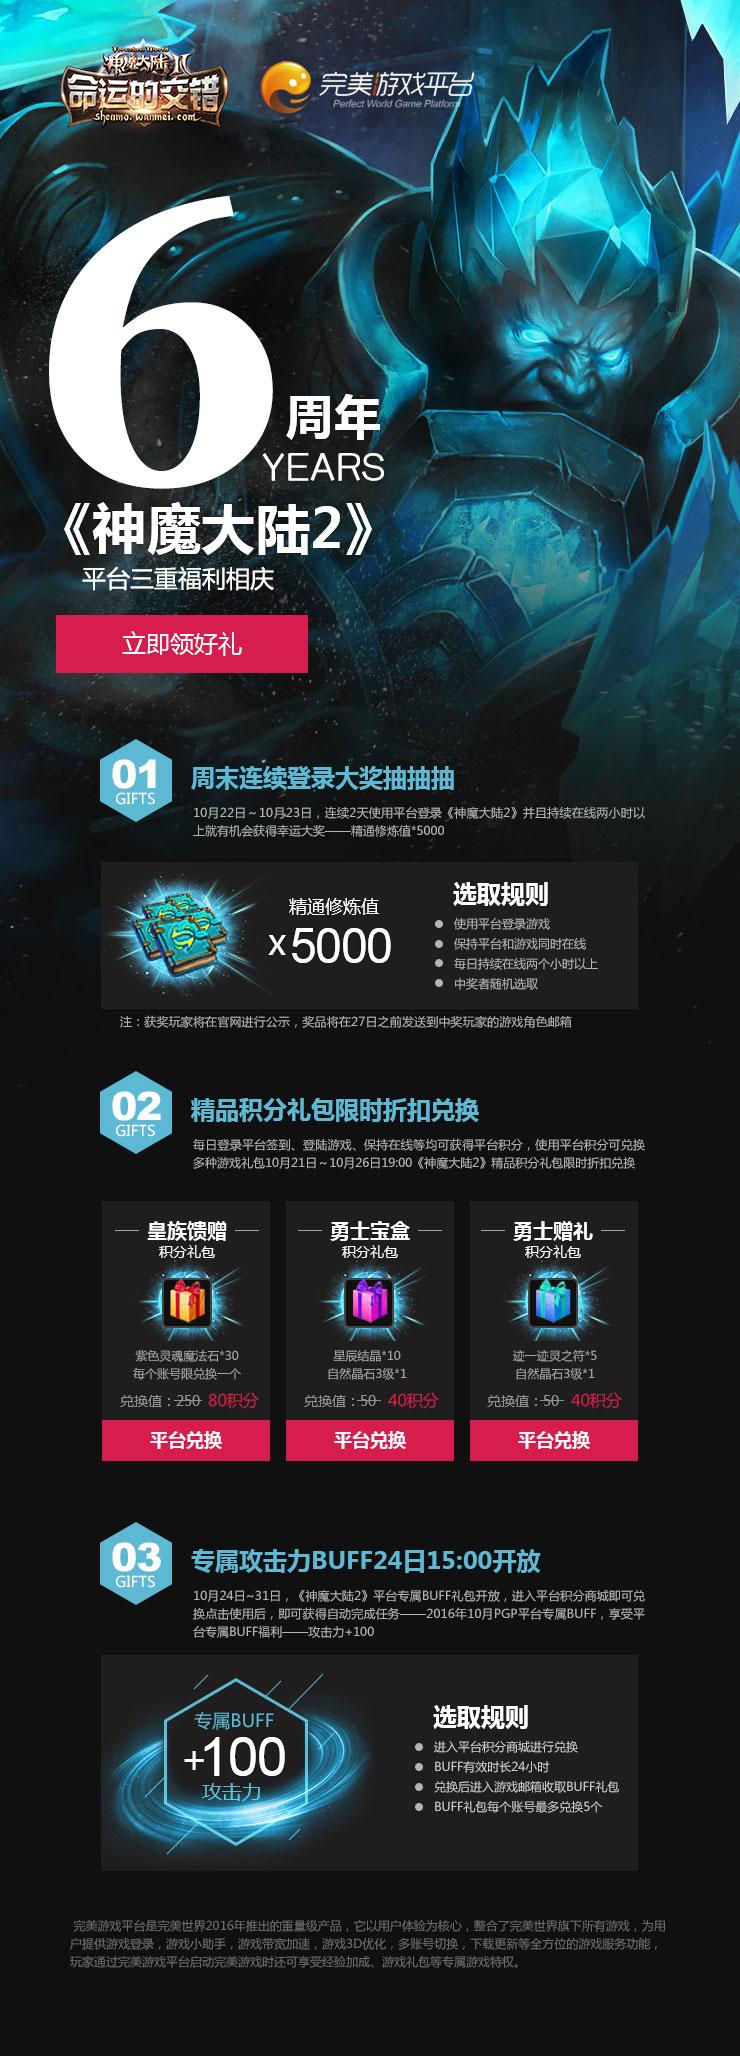 《神魔大陆2》六周年 完美游戏平台三重福利相庆。